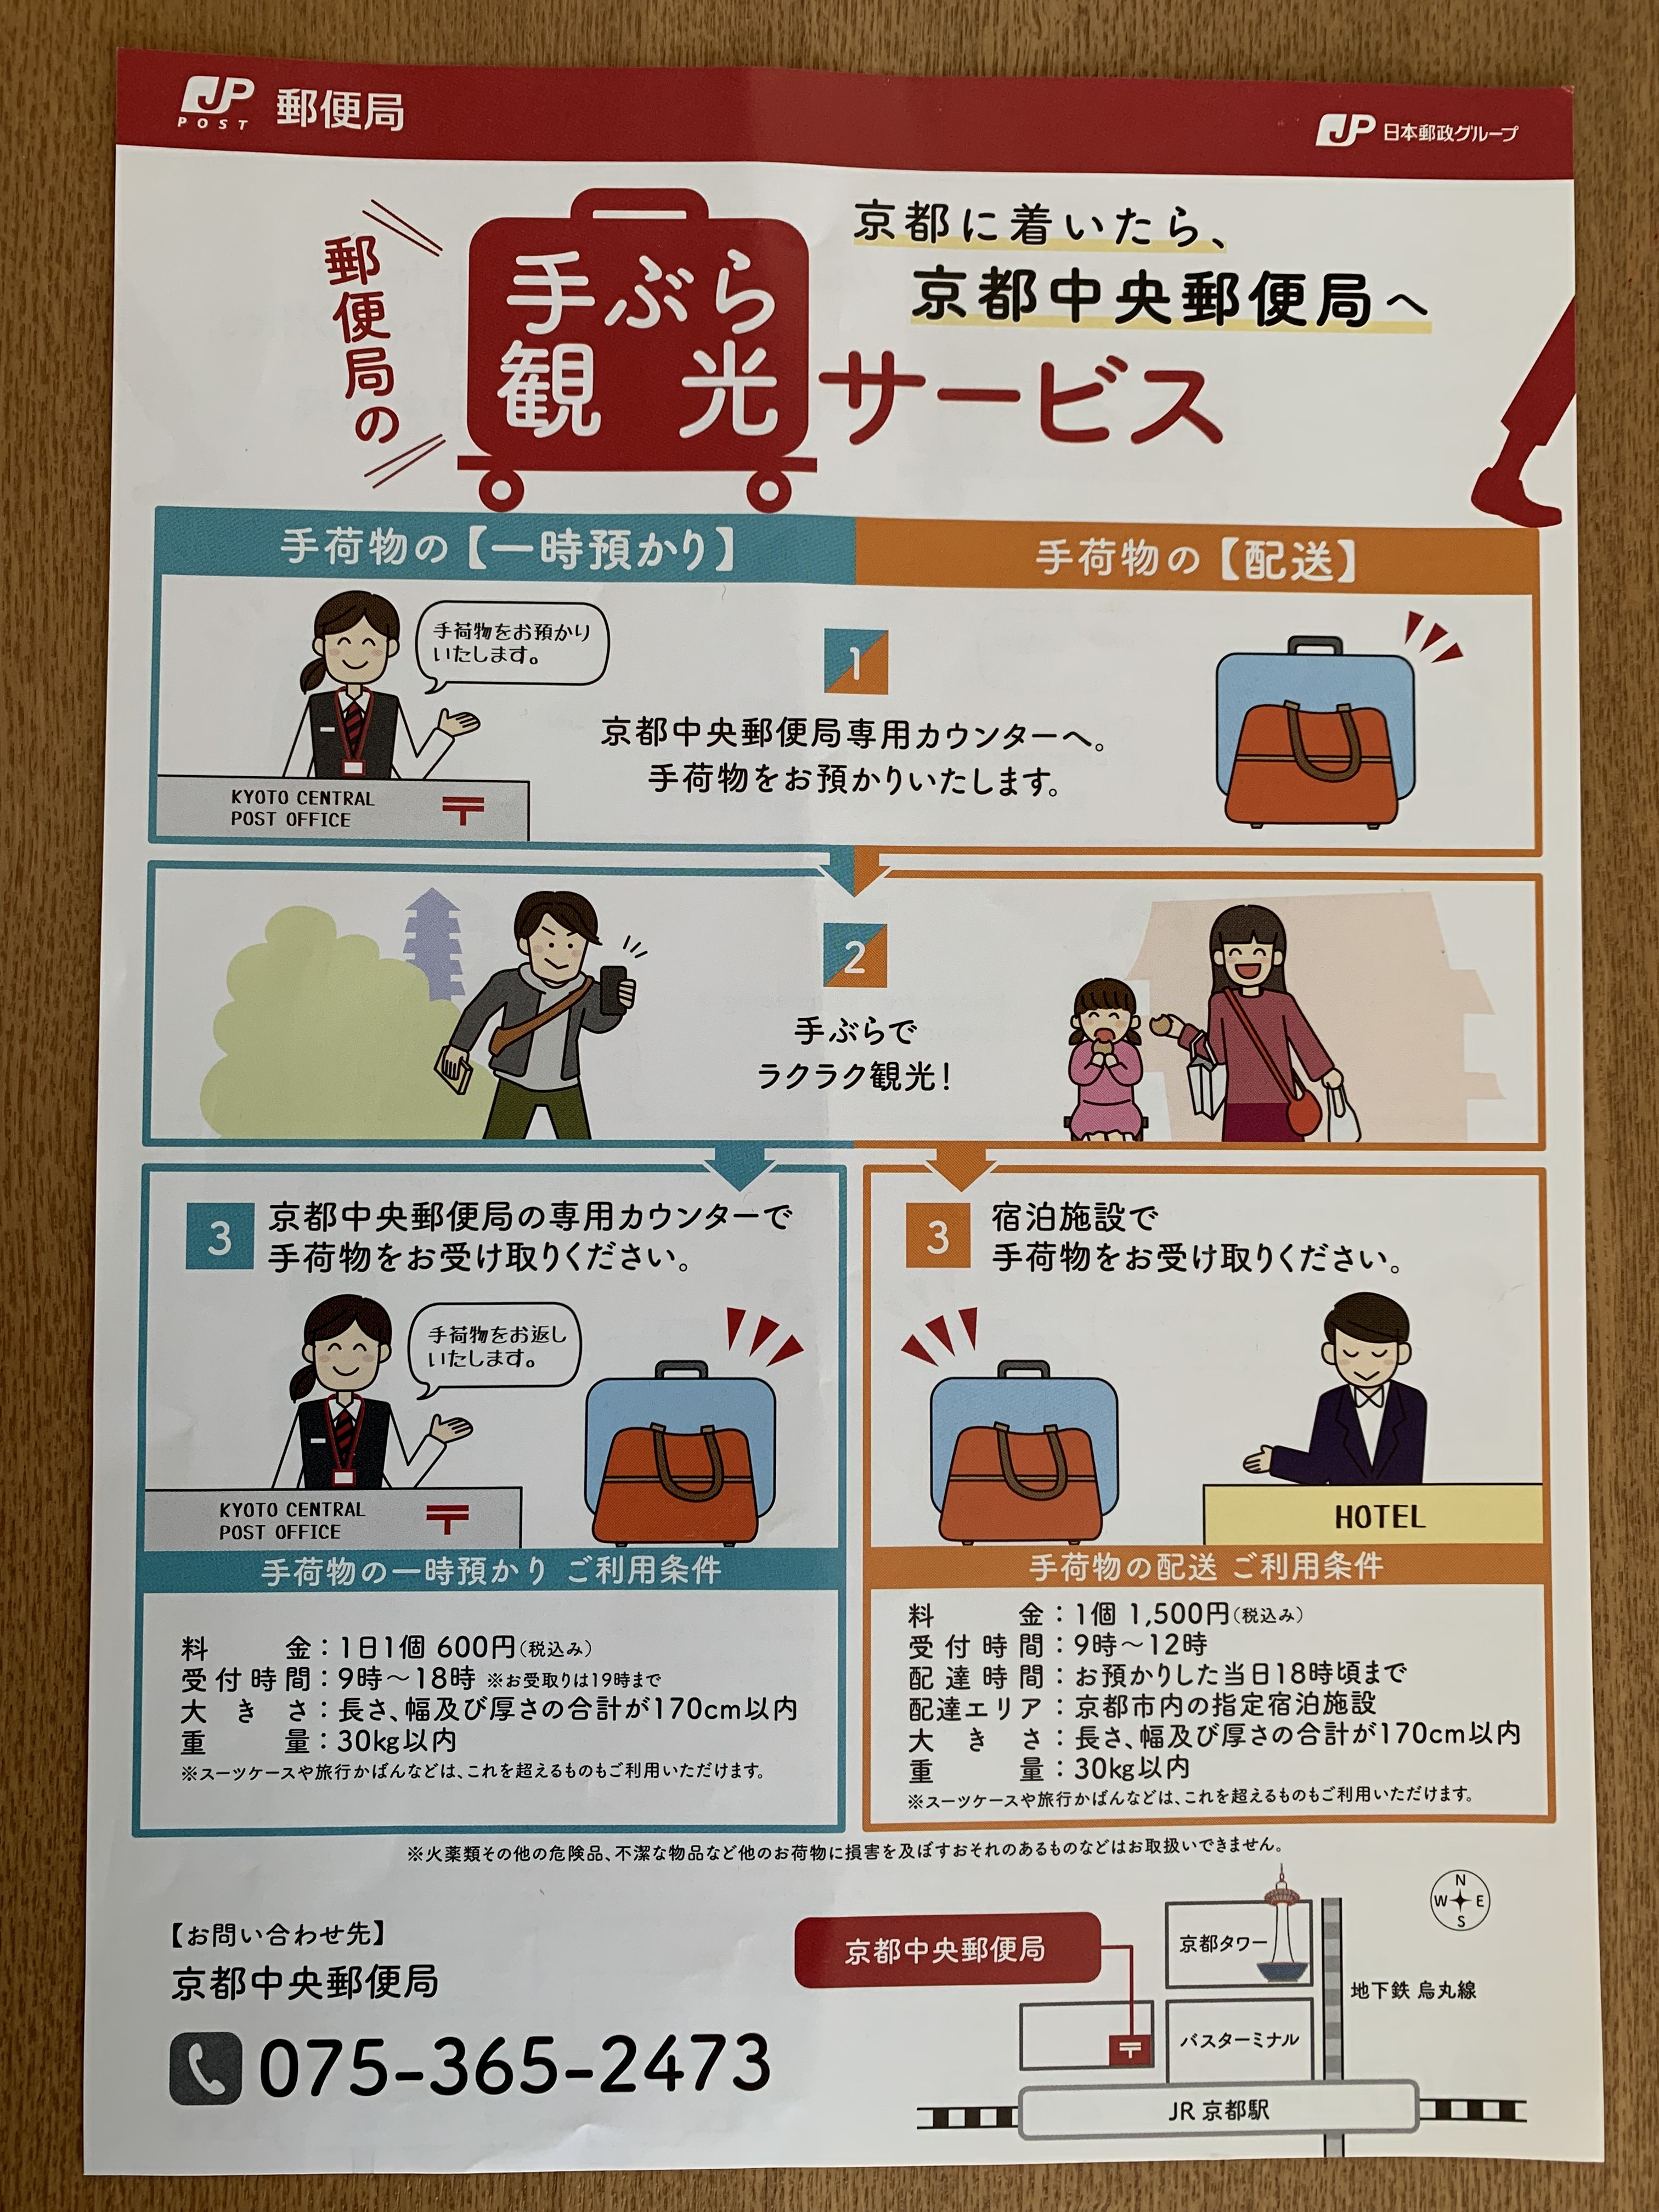 京都中央郵便局手ぶらで京都